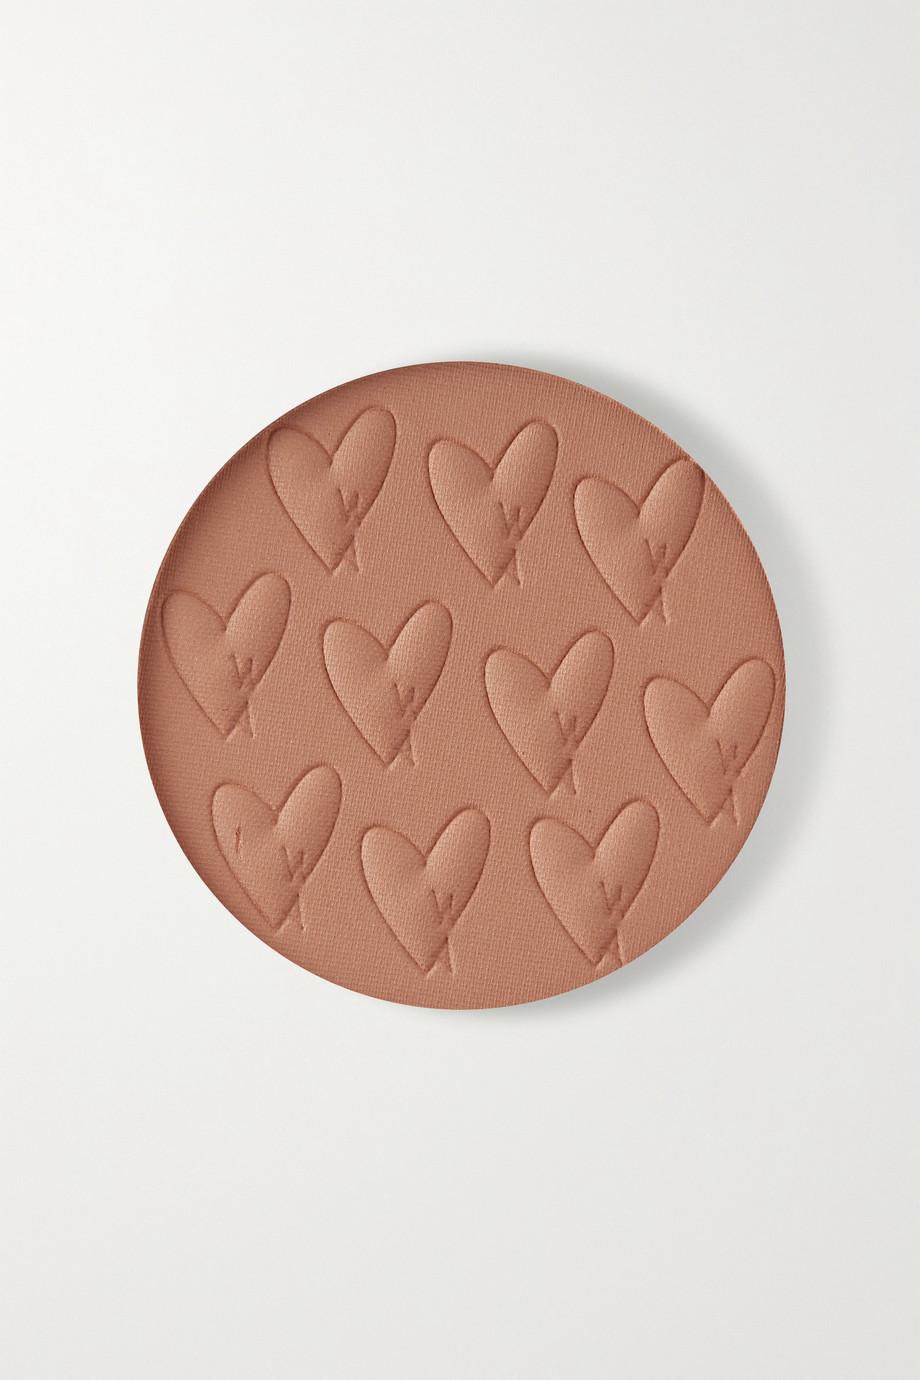 Westman Atelier Poudre bronzante Beauty Butter, Coup de Soleil